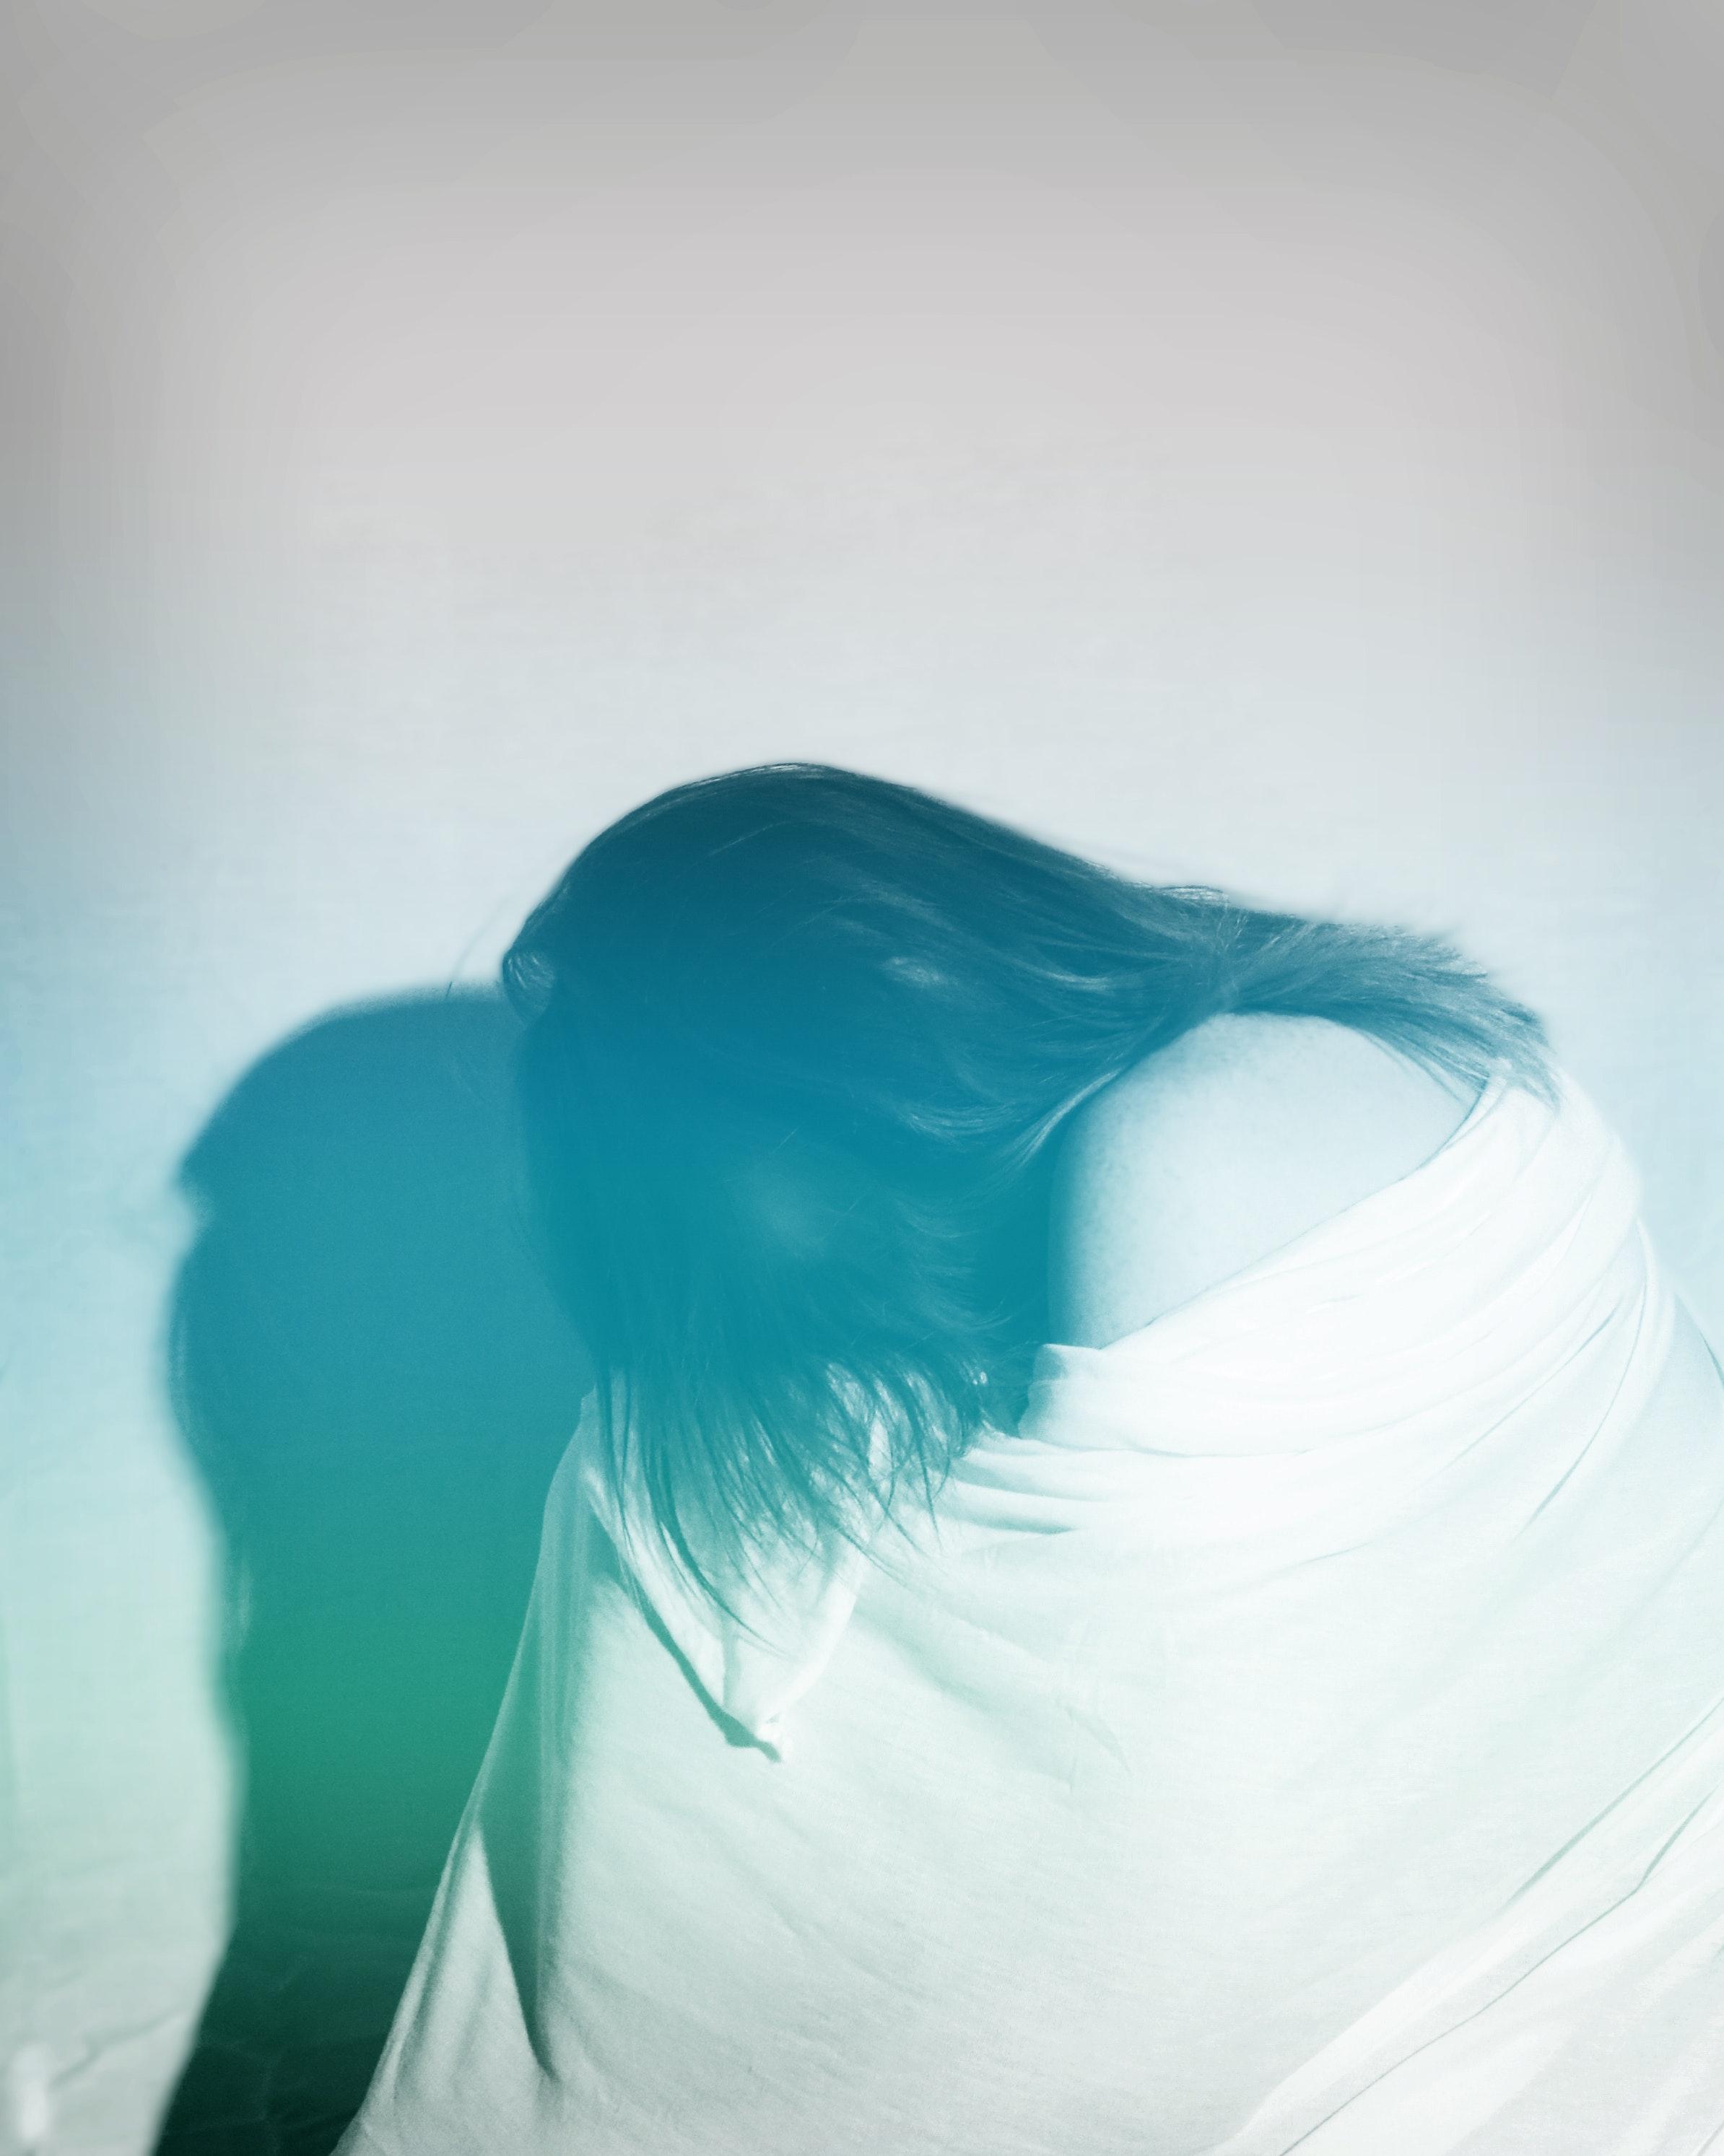 hiding black-and-white-emotion-feelings-89517.jpg